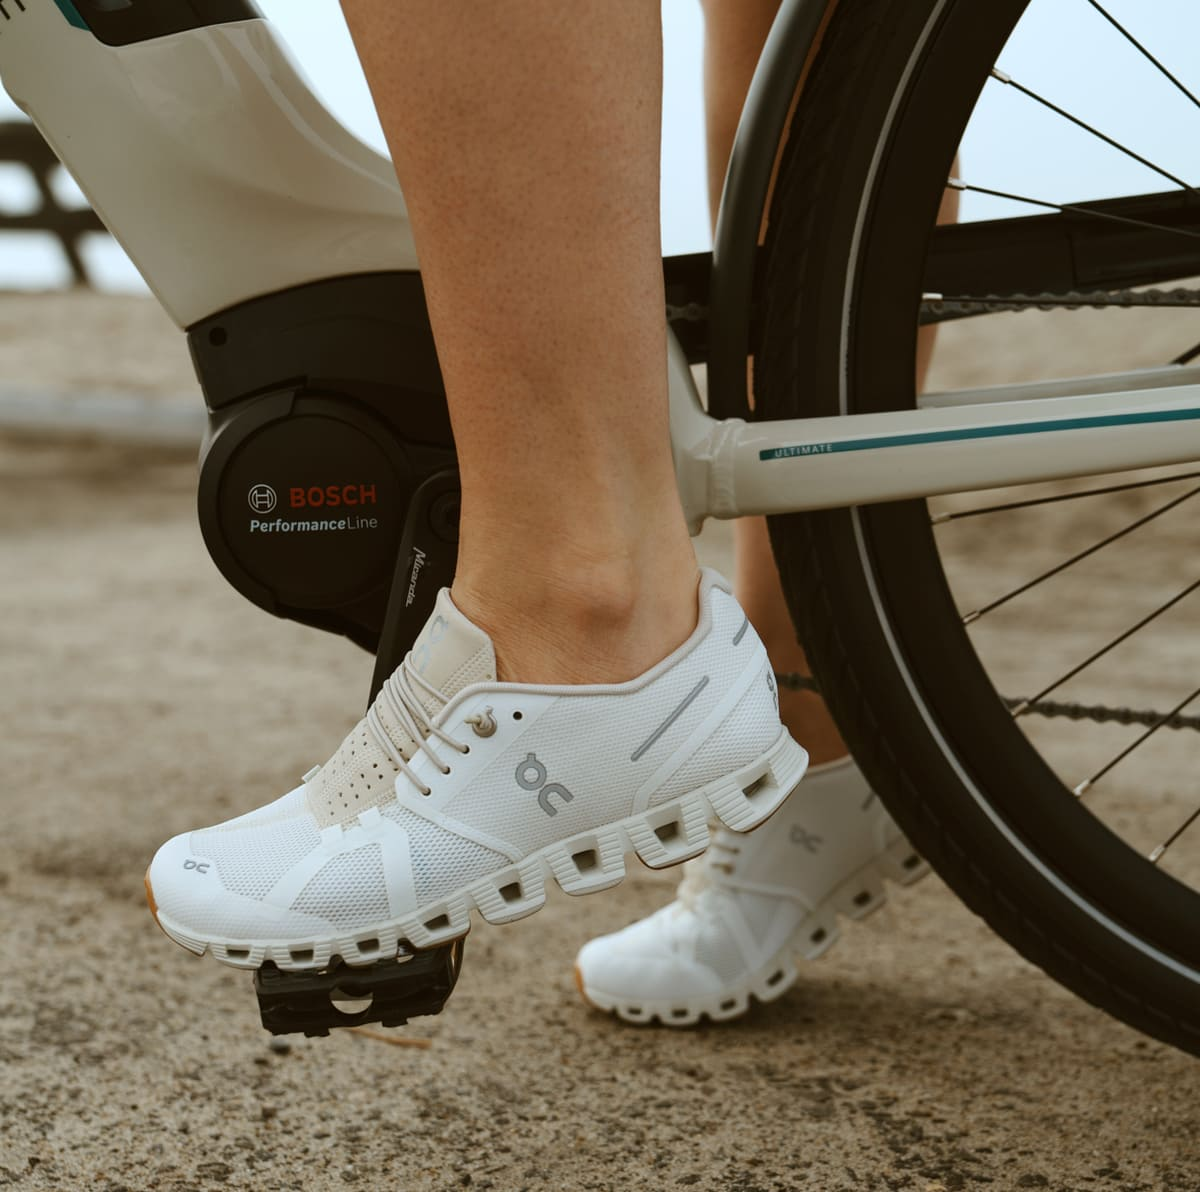 oncloud shoes